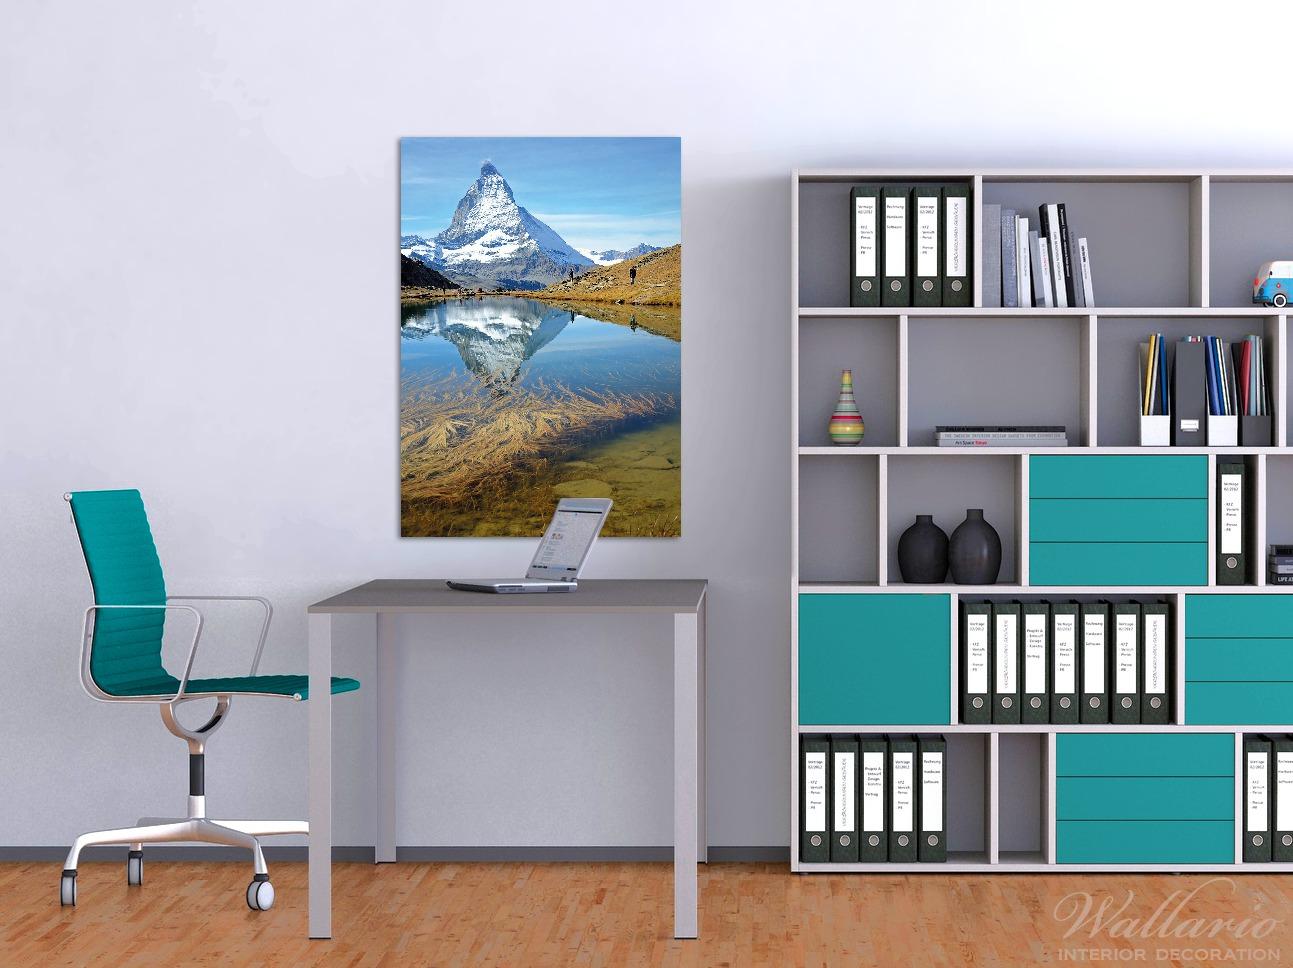 Wandbild Matterhorn - Spiegelung im See – Bild 2